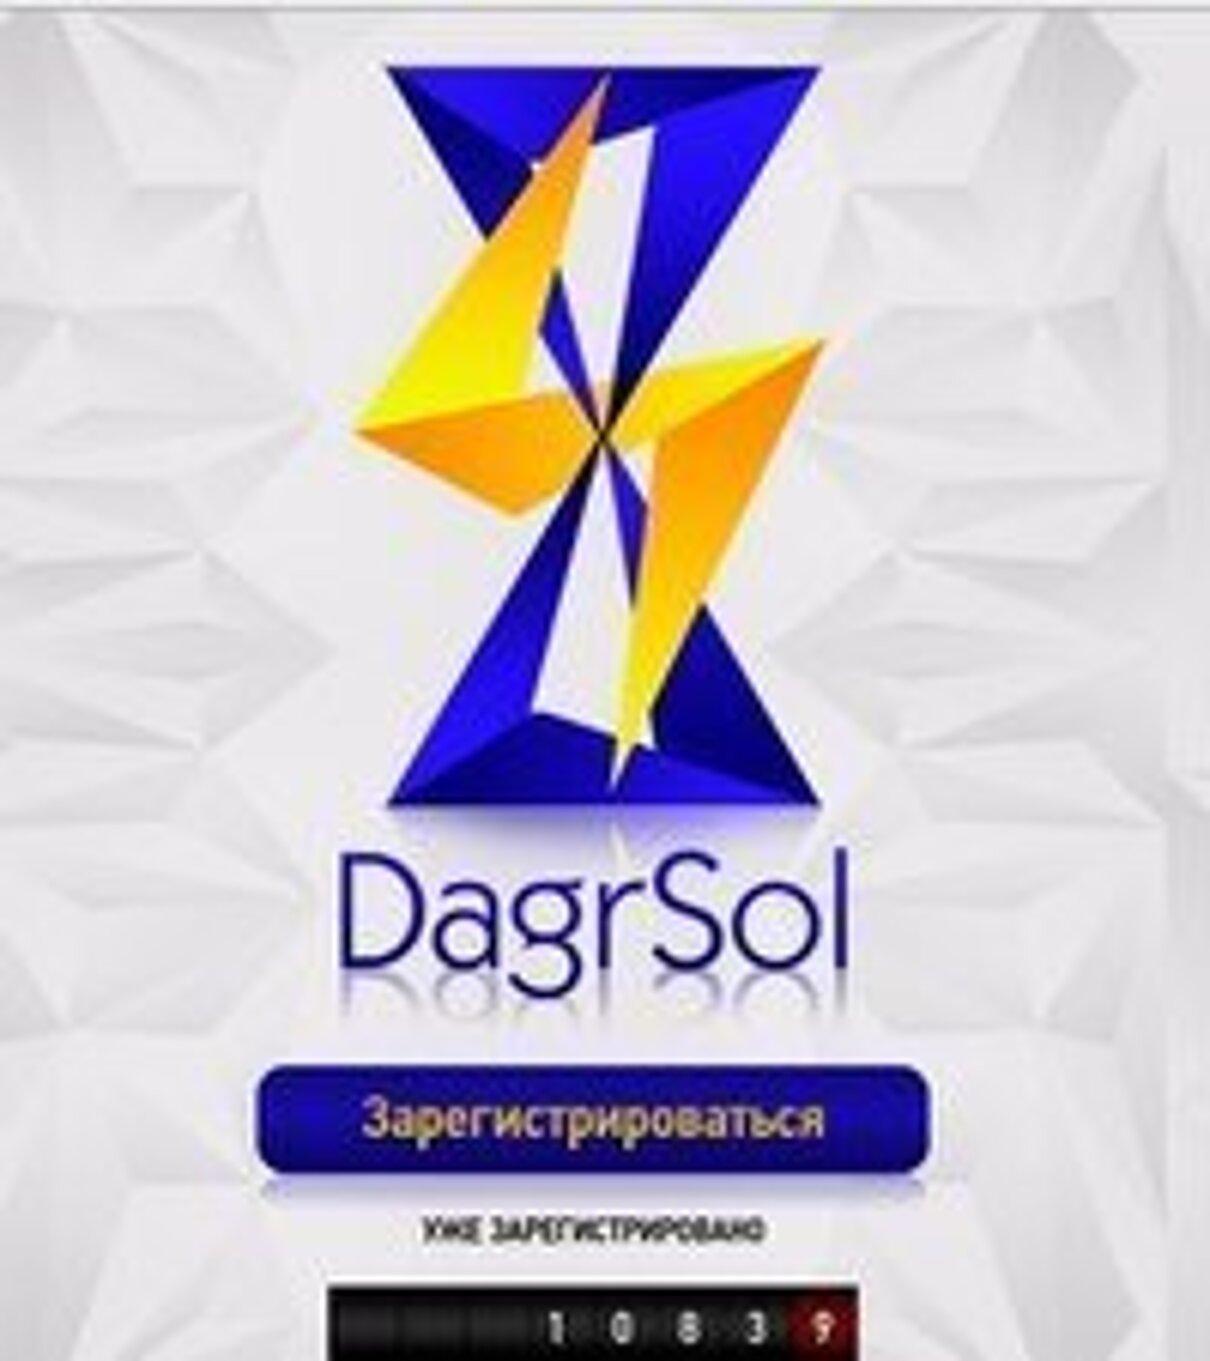 Жалоба-отзыв: DagrSol Searching Engine INC - Мыльный пузырь DagrSol Searching Engine INC.  Фото №2